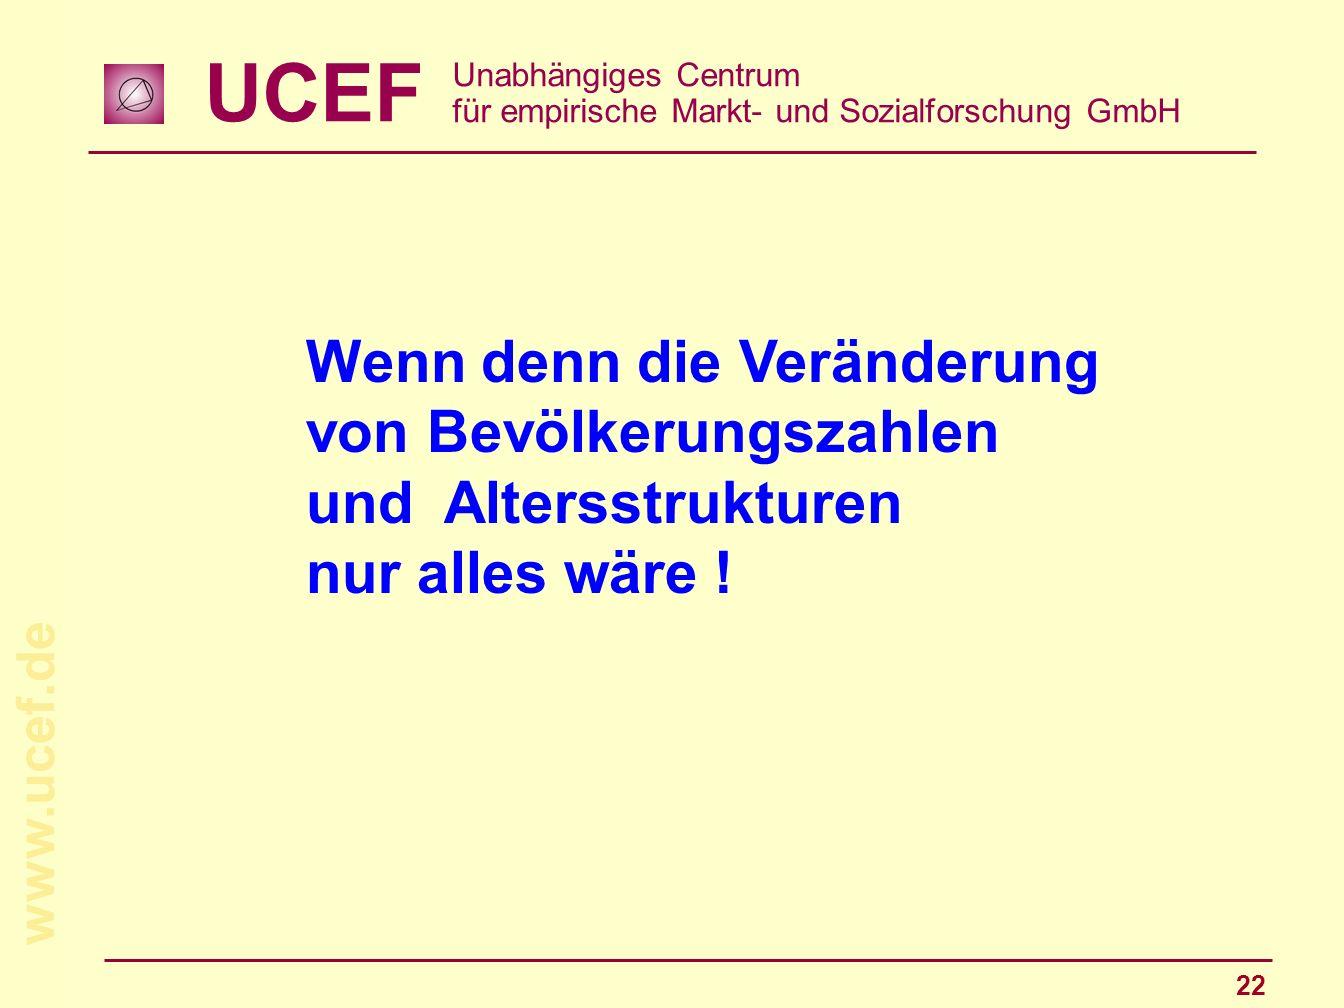 UCEF Unabhängiges Centrum für empirische Markt- und Sozialforschung GmbH www.ucef.de 22 Wenn denn die Veränderung von Bevölkerungszahlen und Altersstr